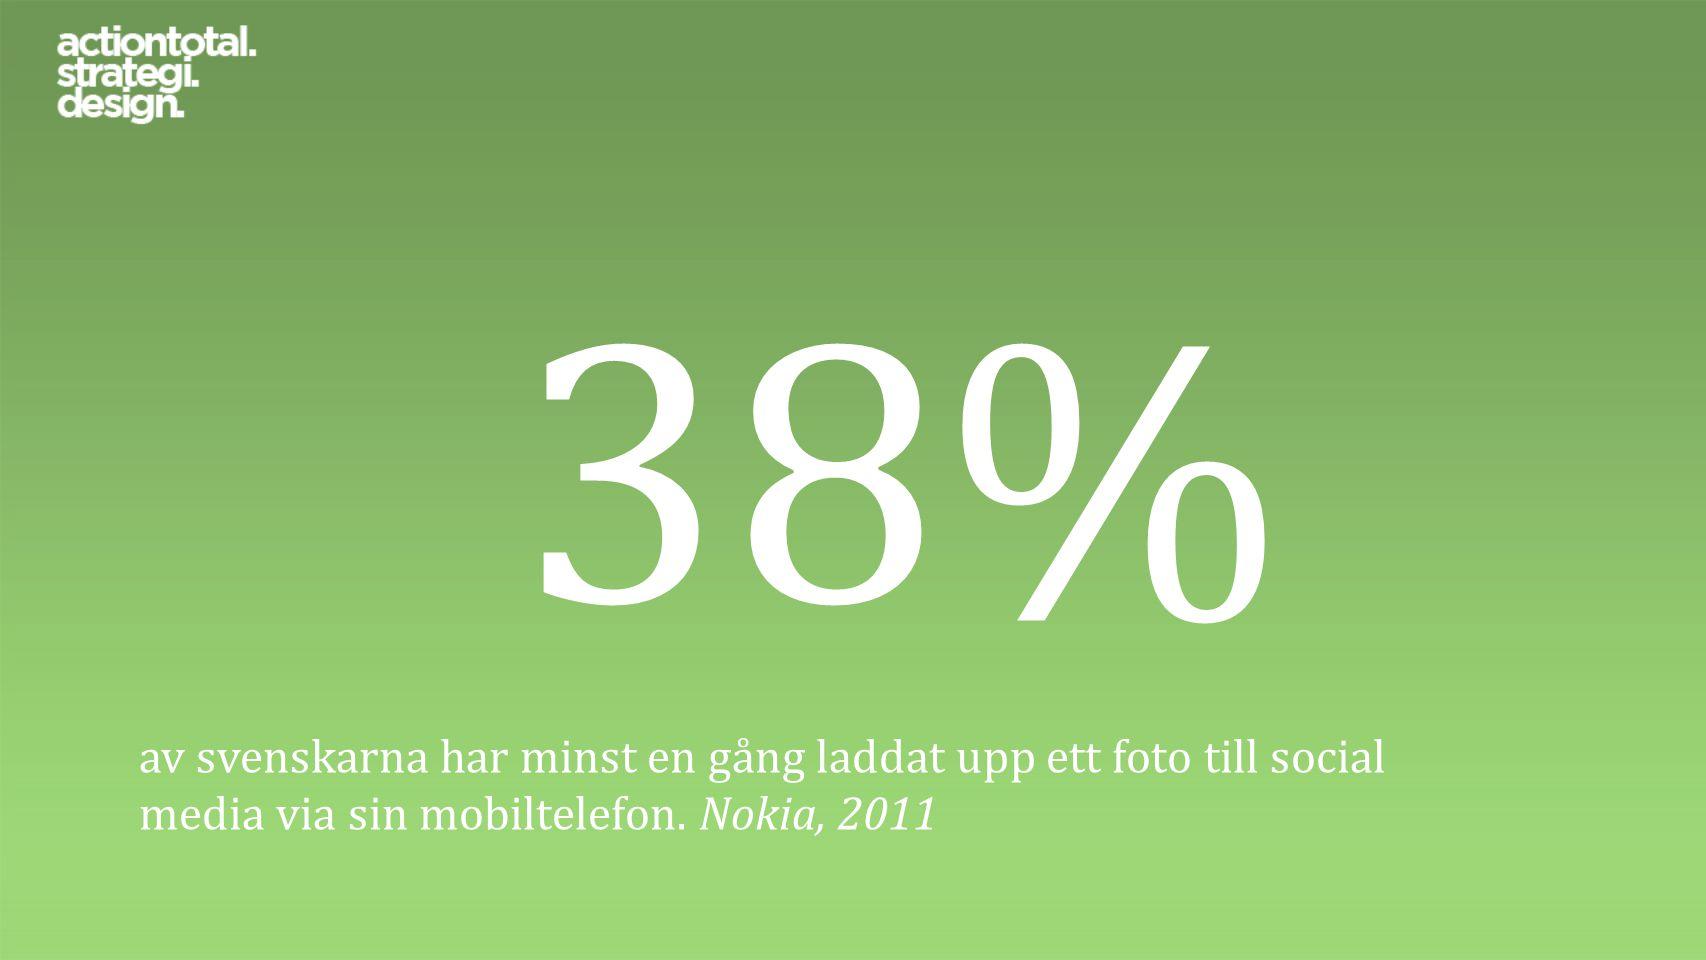 948 656 besökare per vecka har den mest populära bloggen i Sverige enligt Bloggportalen (Kenzas).